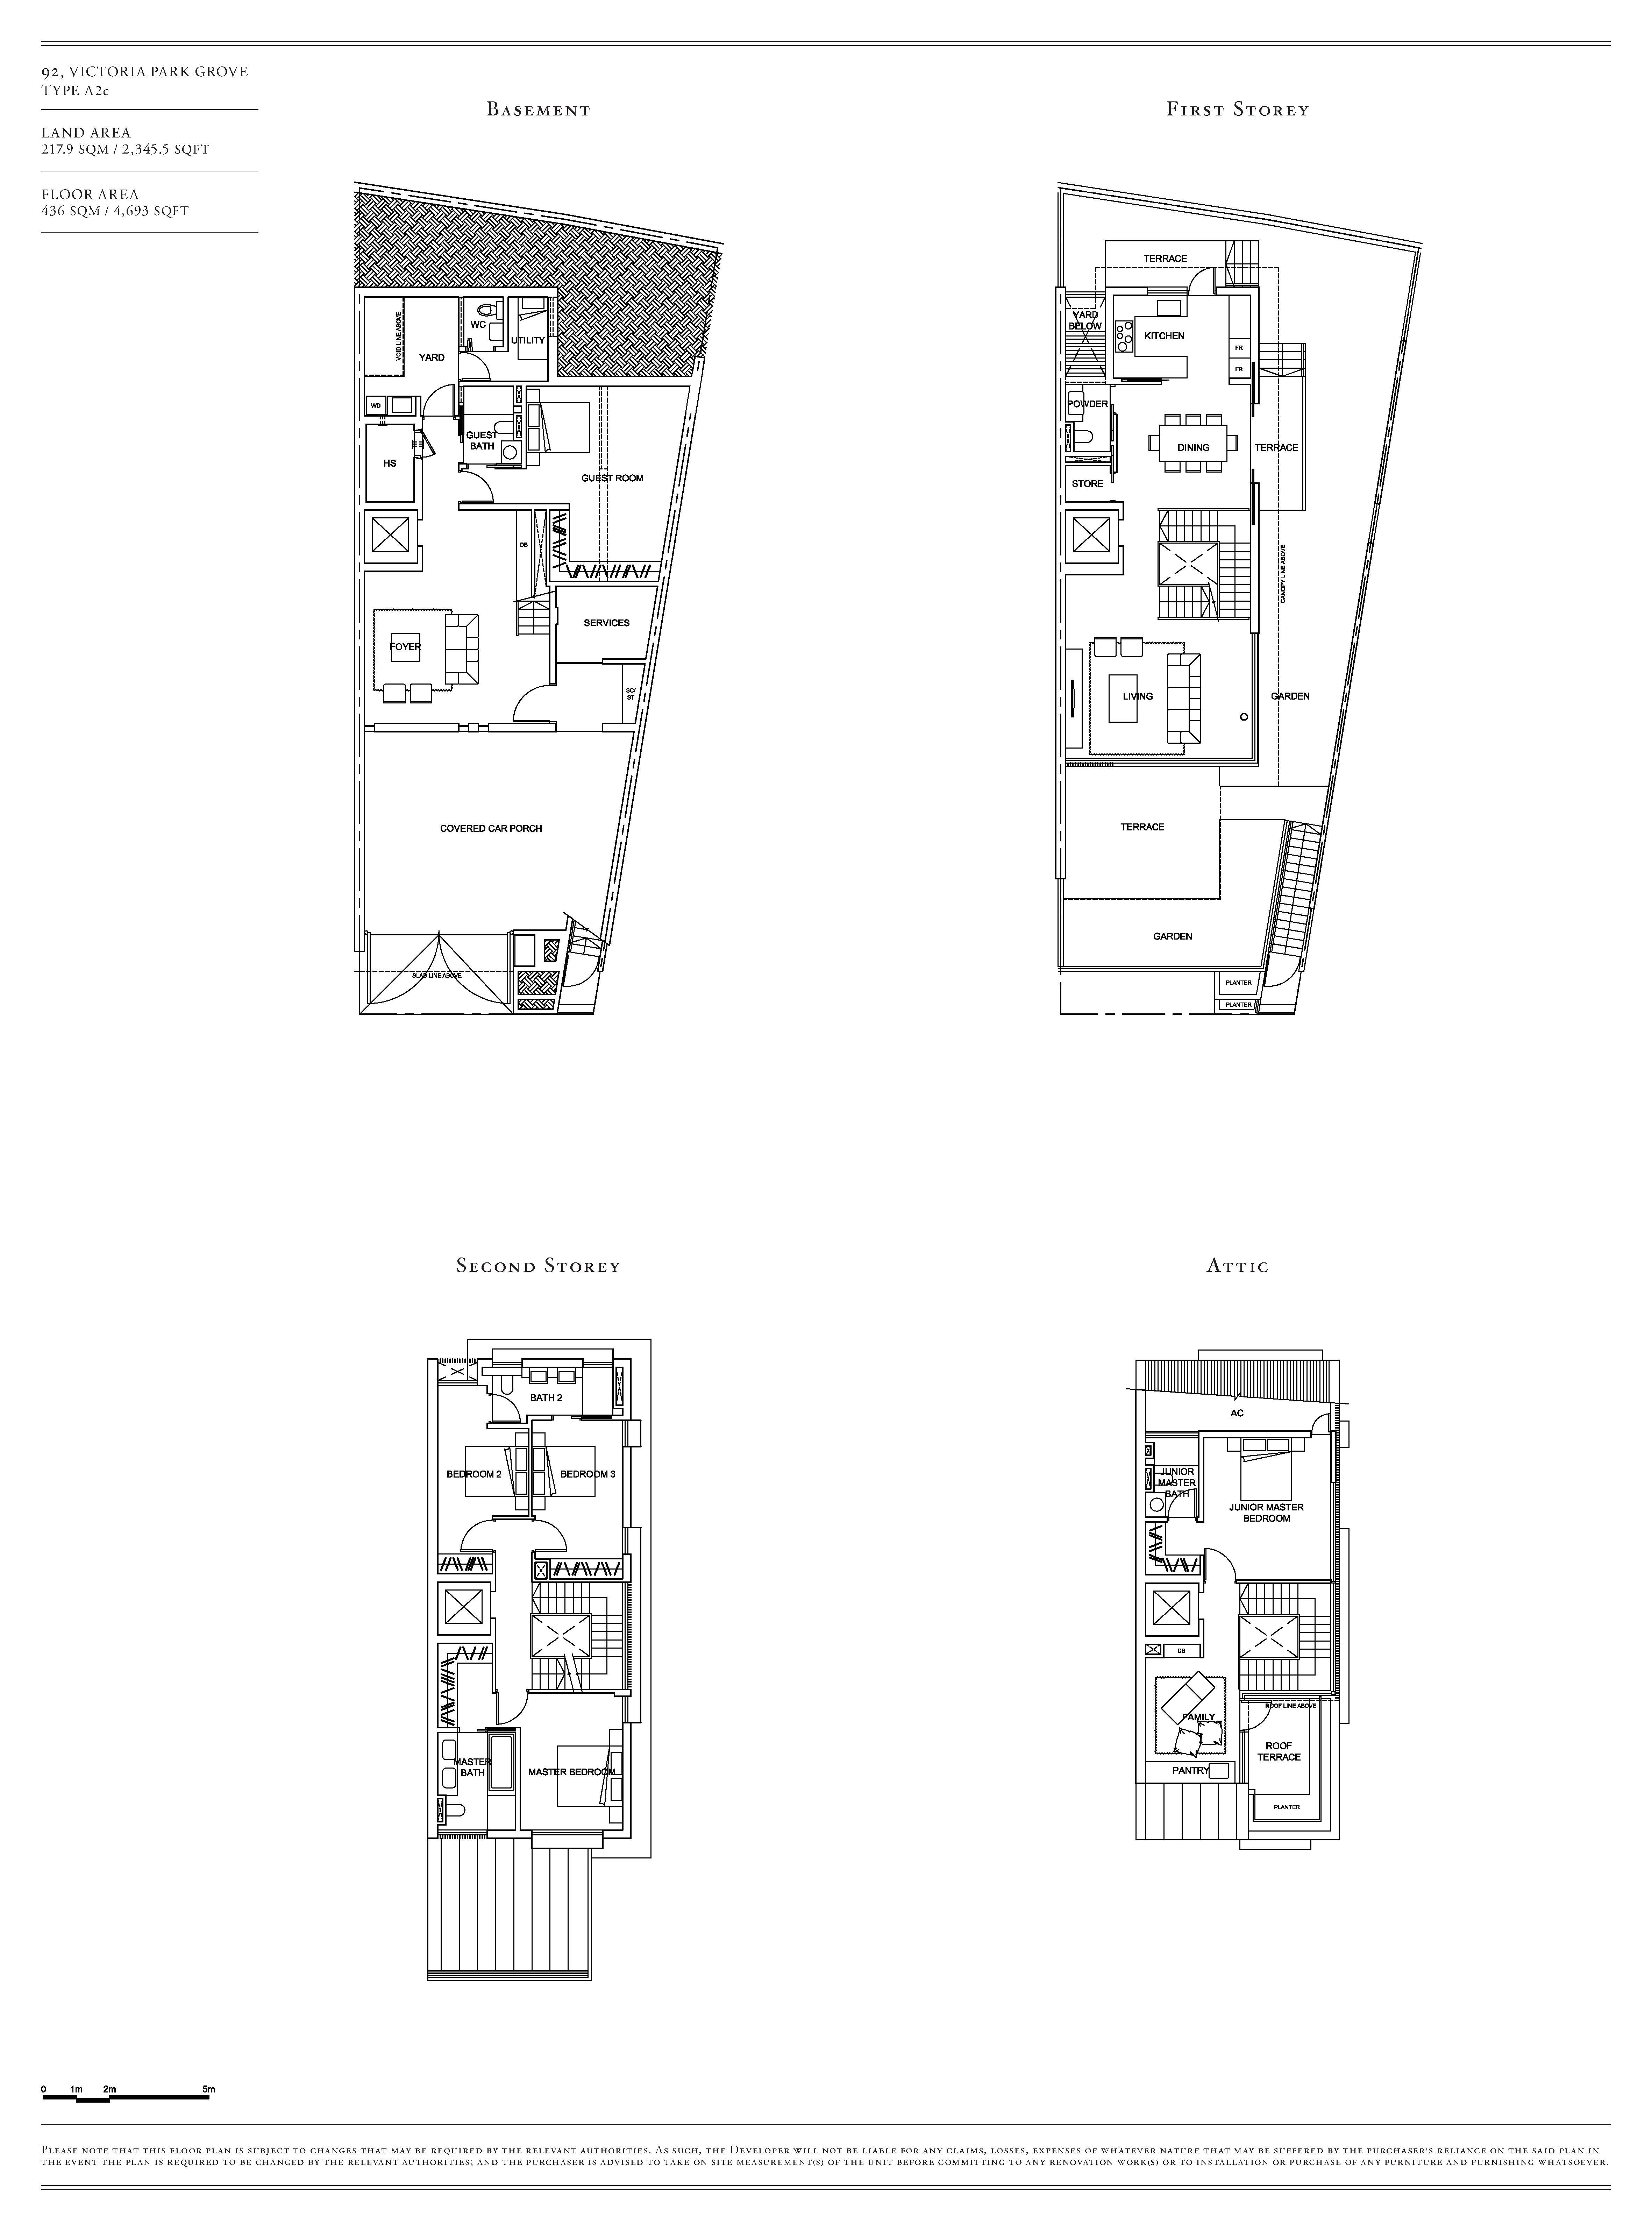 Victoria Park Villas House 92 Type A2c Floor Plans